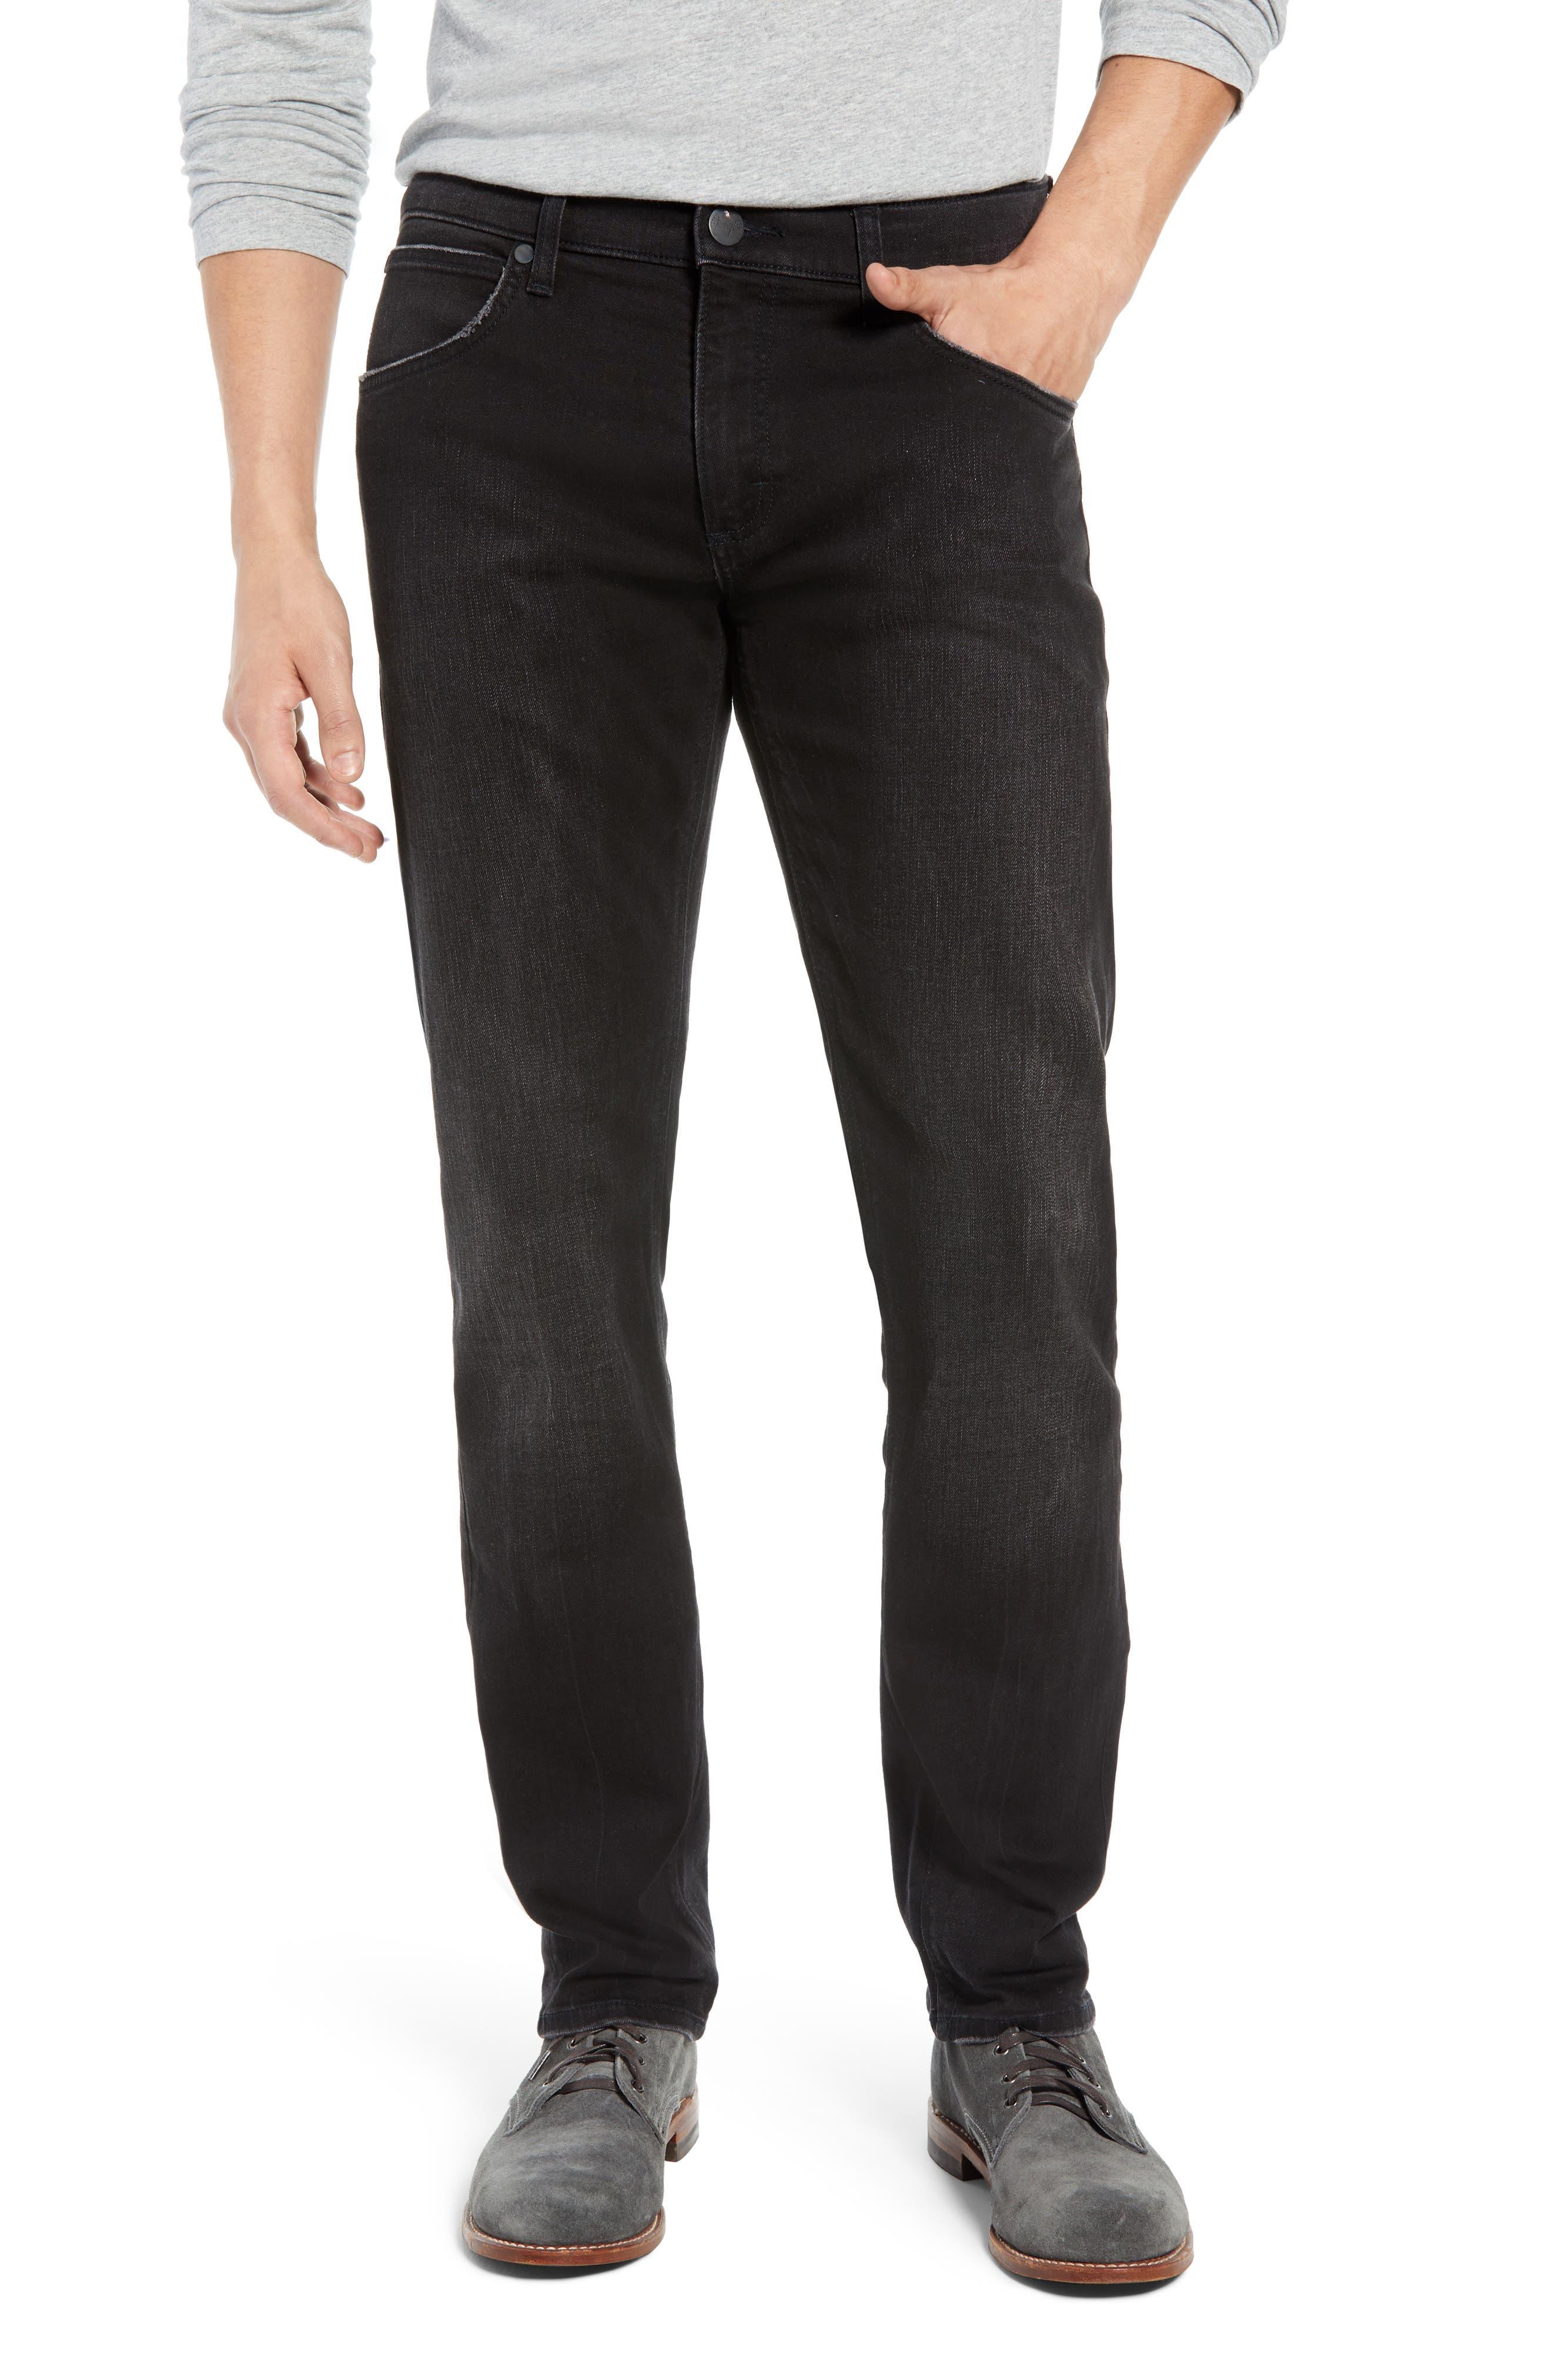 Greensboro Straight Leg Jeans,                             Main thumbnail 1, color,                             BLACK